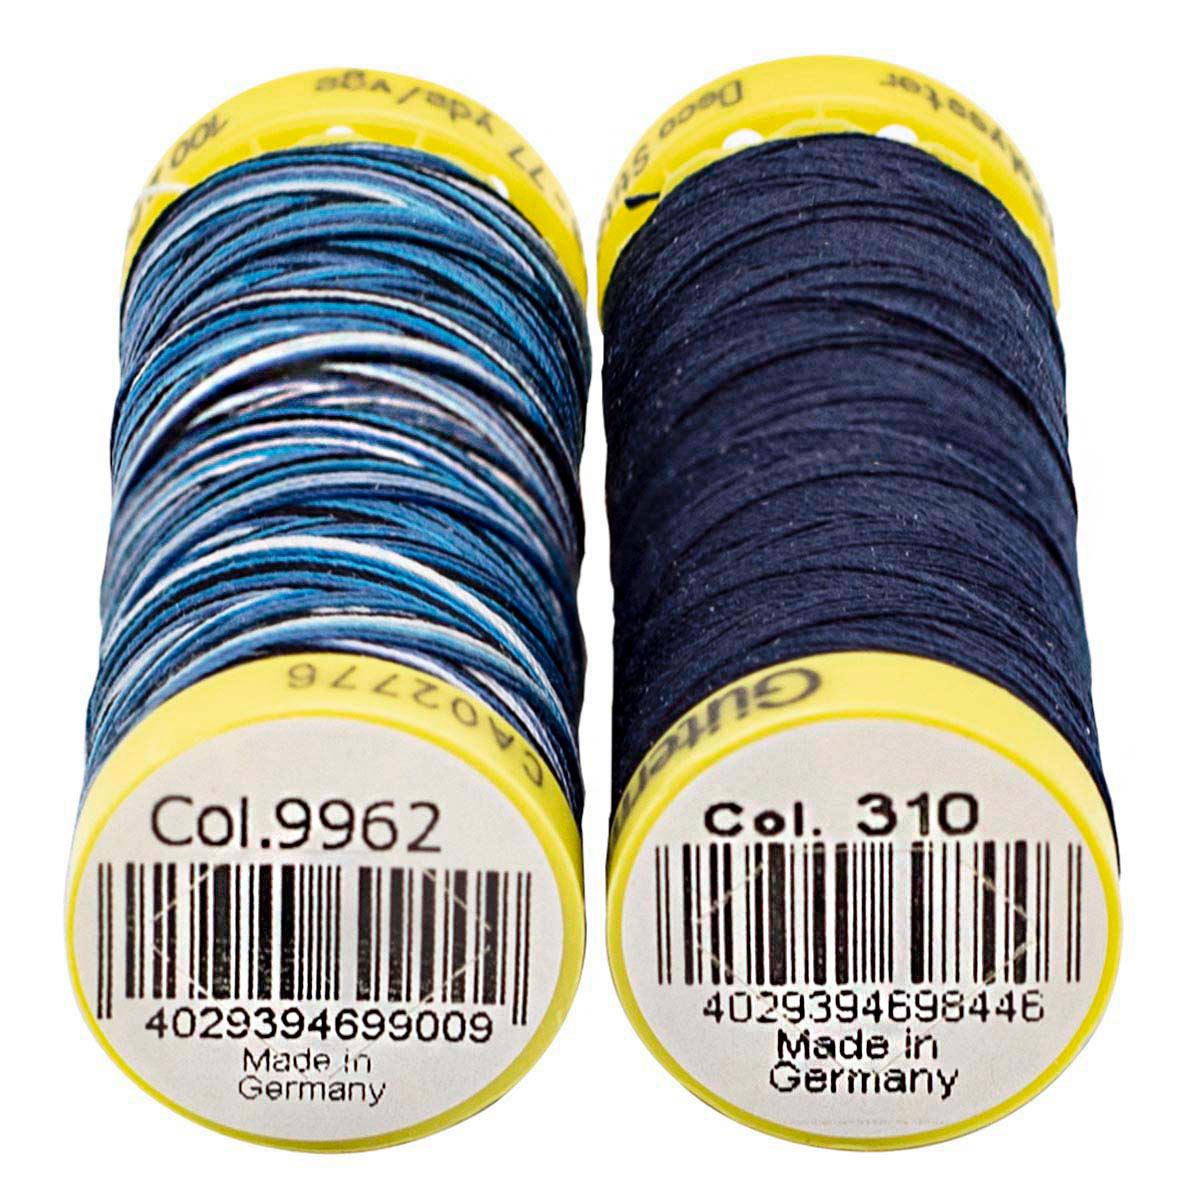 Набор шв. нитей (702160 Deco Stitch 70, однотон 70м, 702161 Deco Stitch 70 мультиколор 70м) Гутерман, 310 т.чернильный, 9962 мультиколор